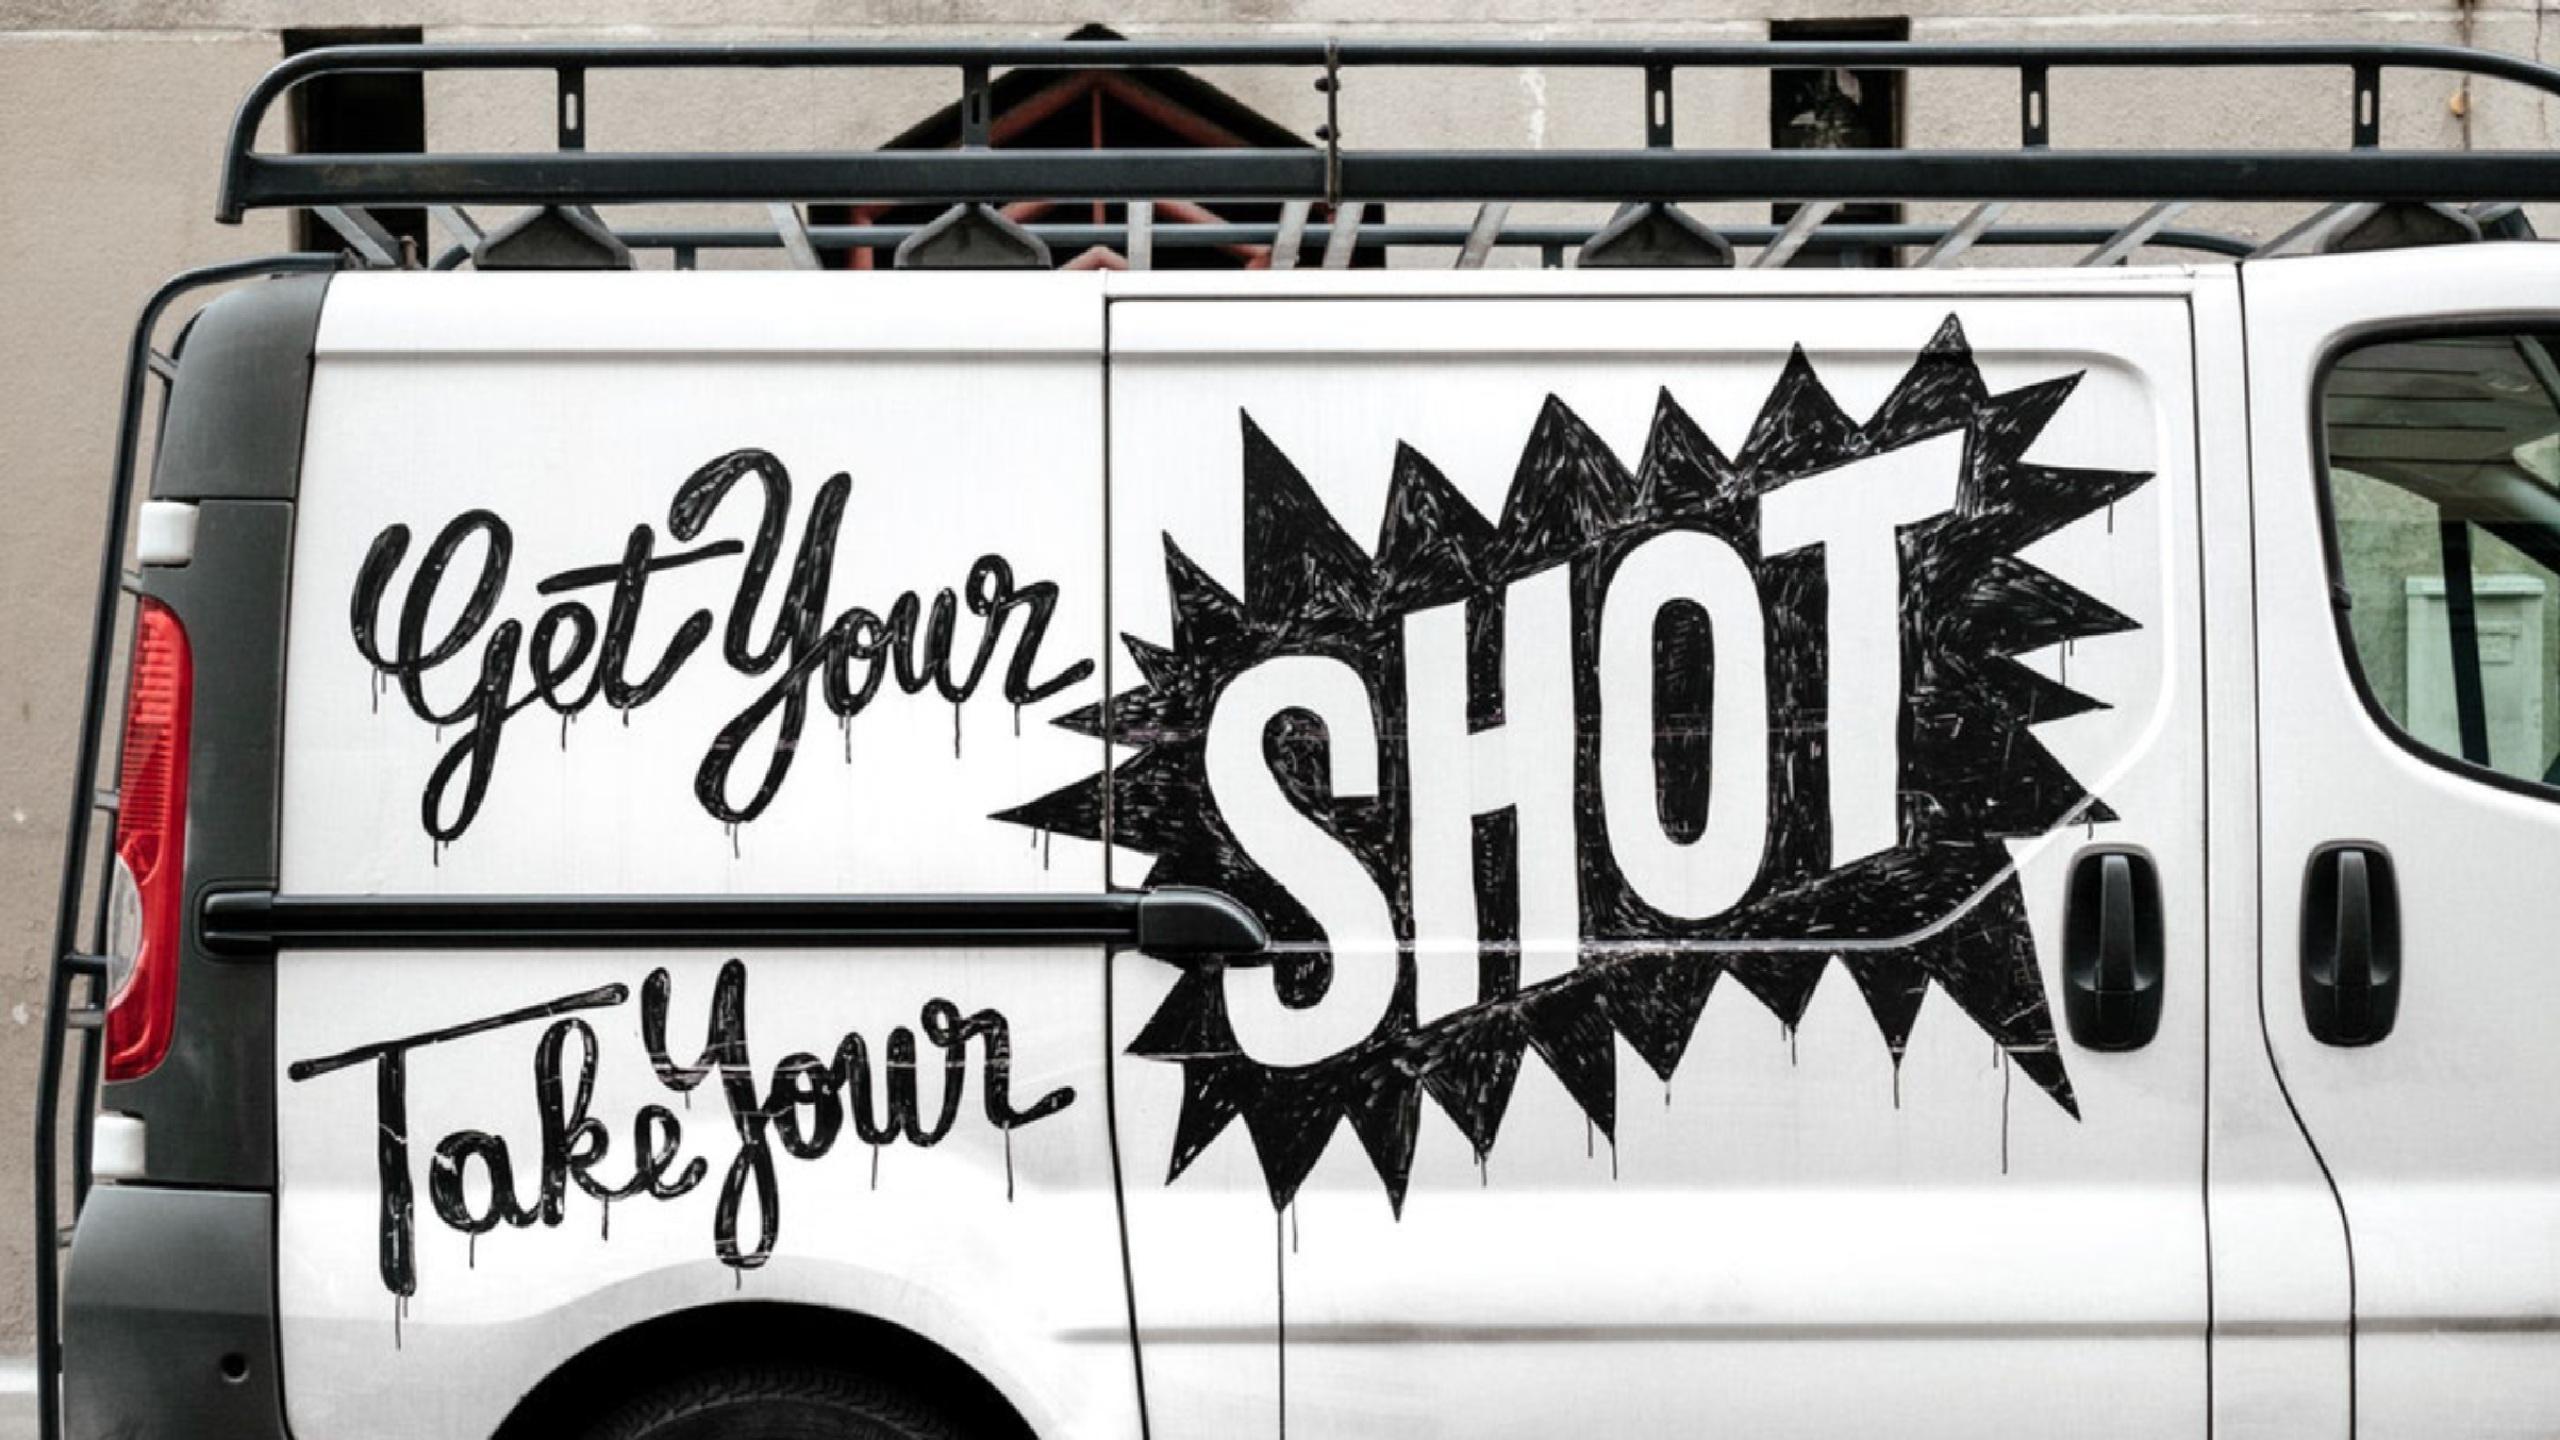 Van with ad